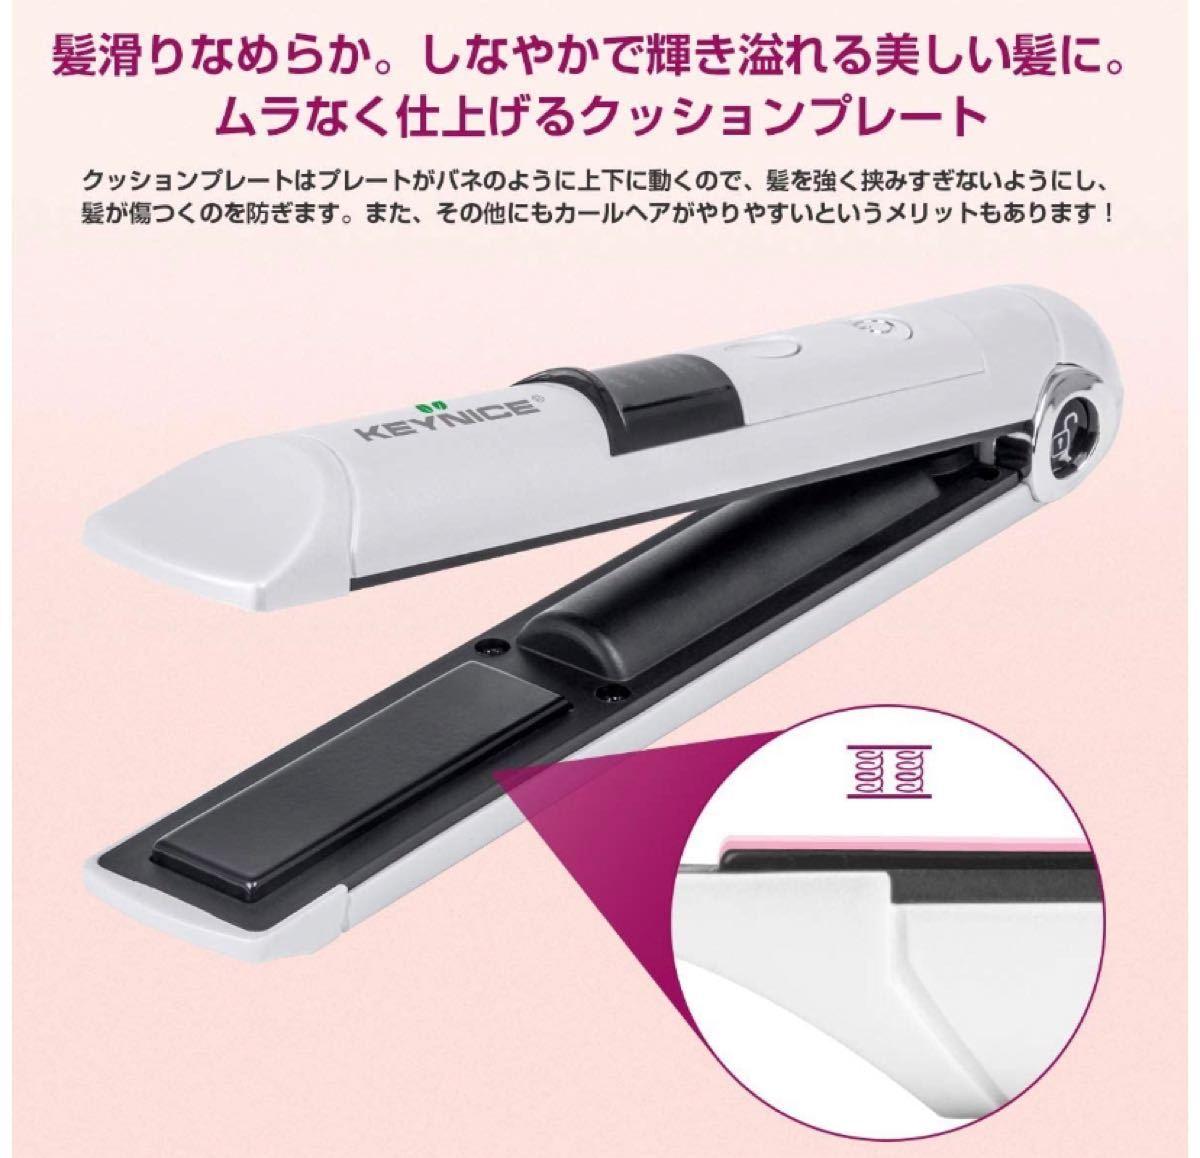 ヘアアイロン コードレス ヘアストレートアイロン 持ち運び便利 ミニ USB充電式